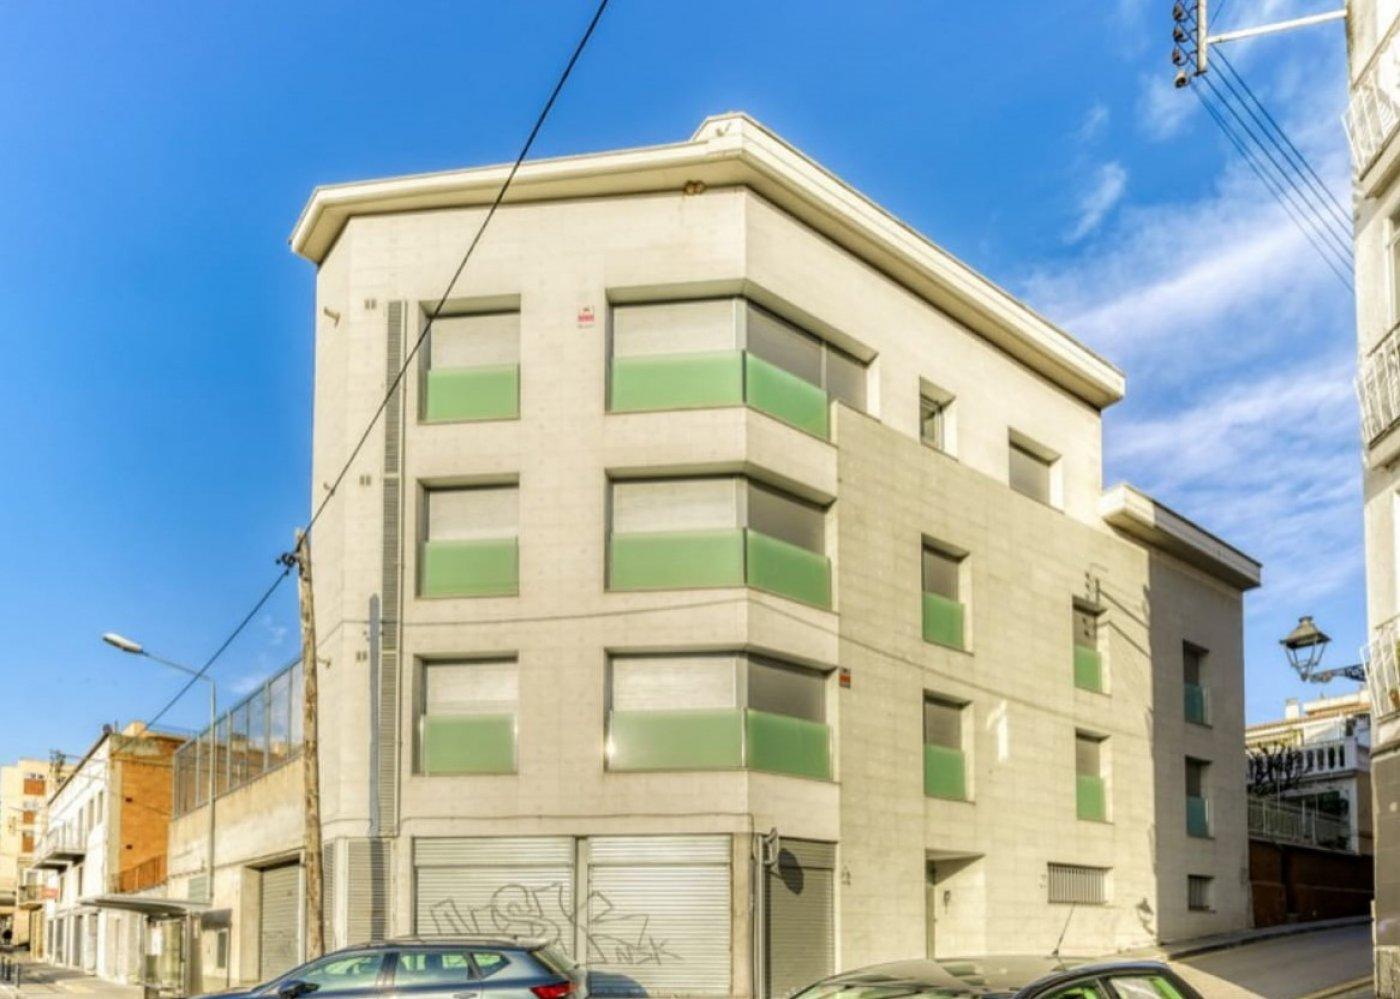 Building  Rubi ,centre. Edificio en rubí centro